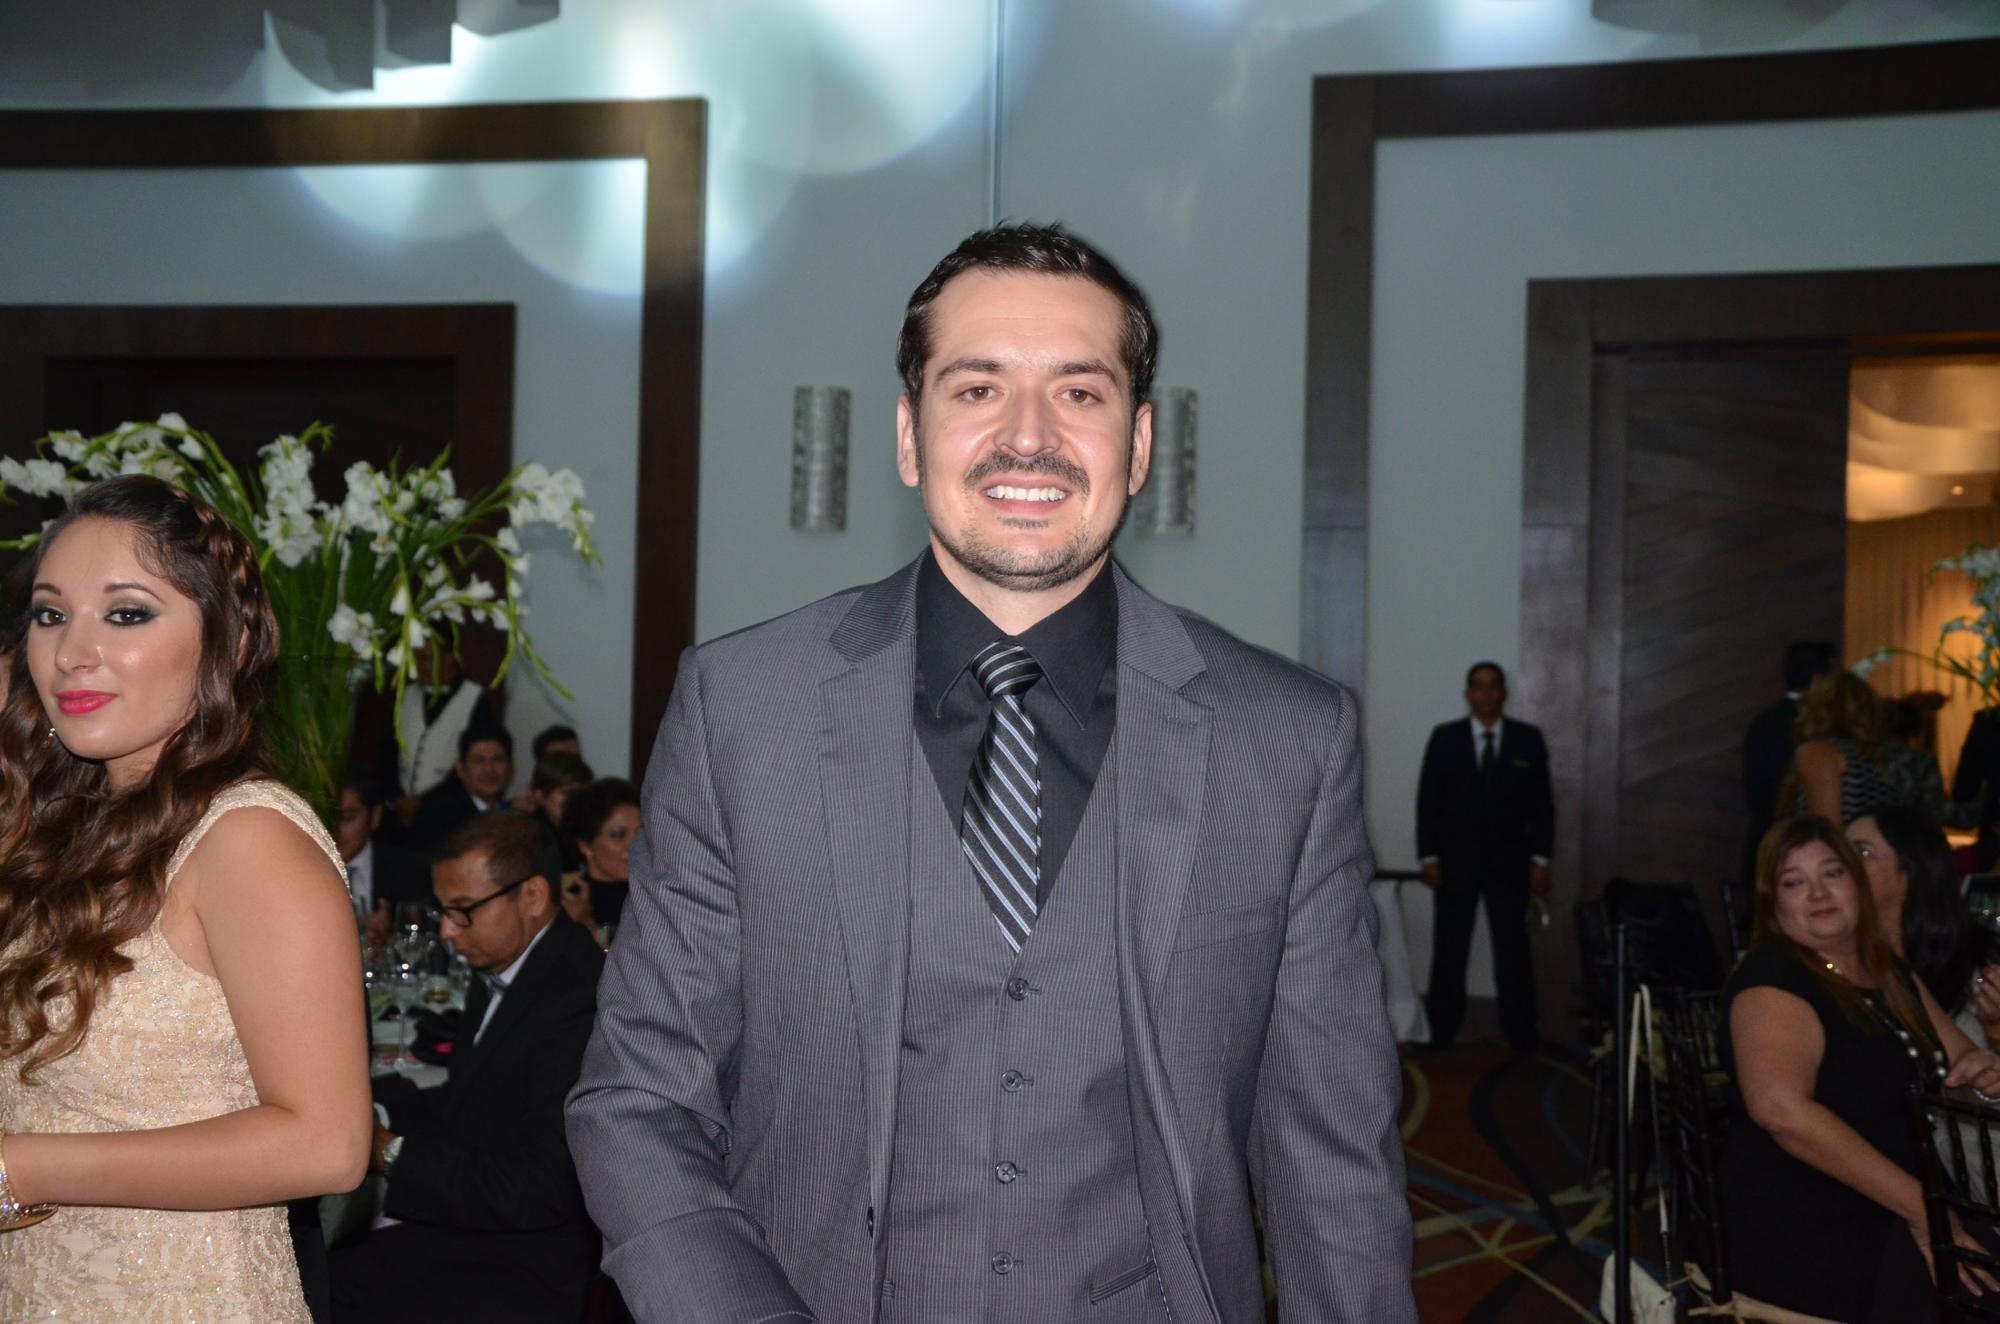 Dr. Gustavo Jiménez